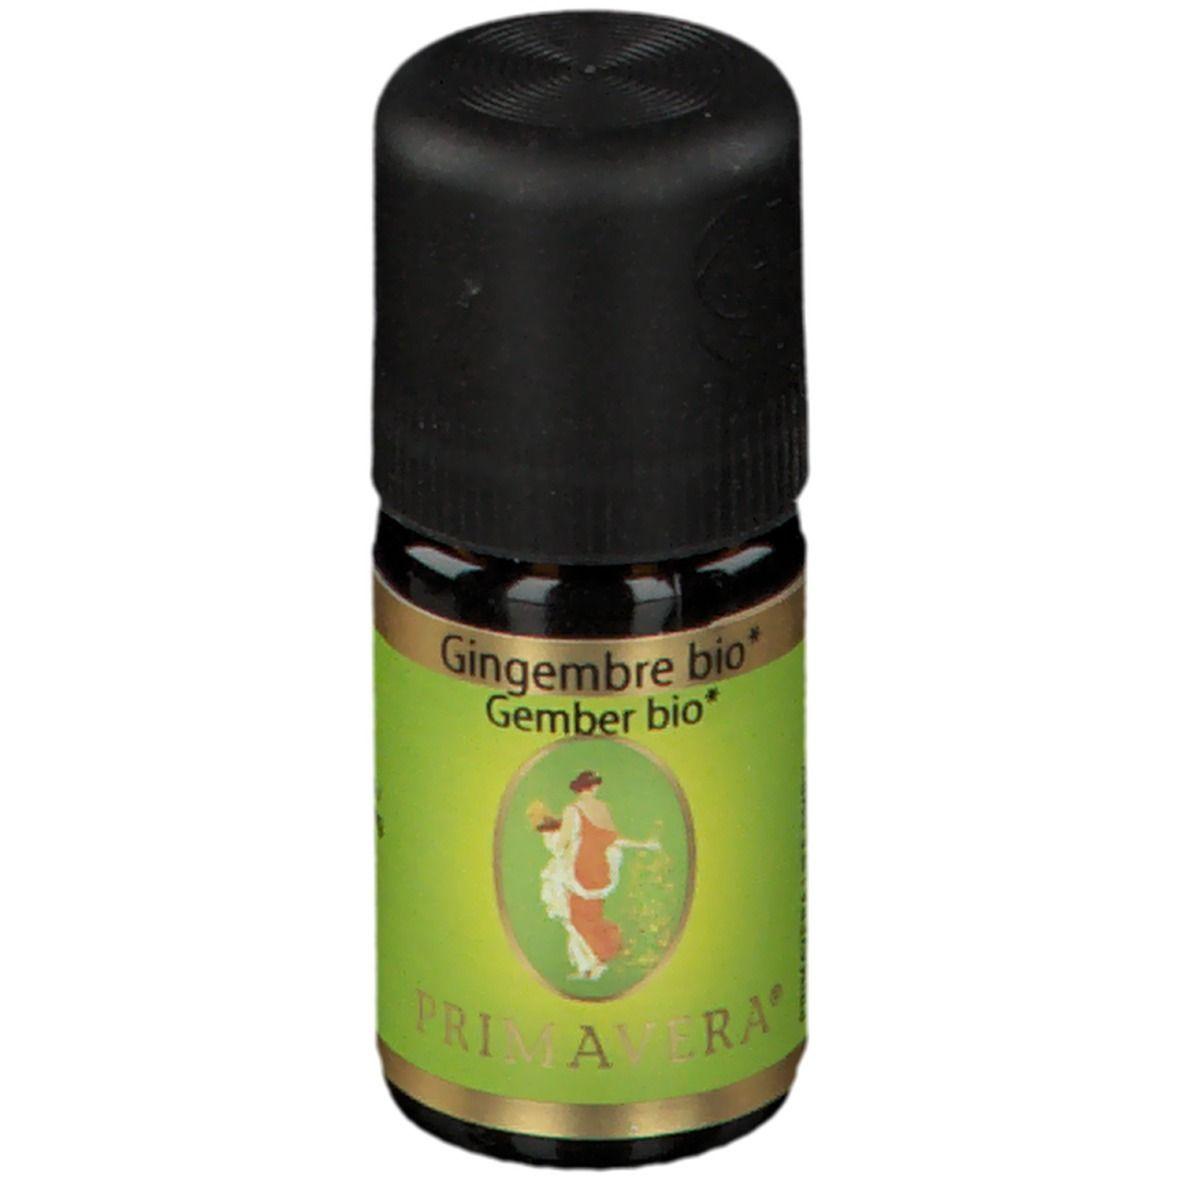 PRIMAVERA® Gingembre Bio ml huile